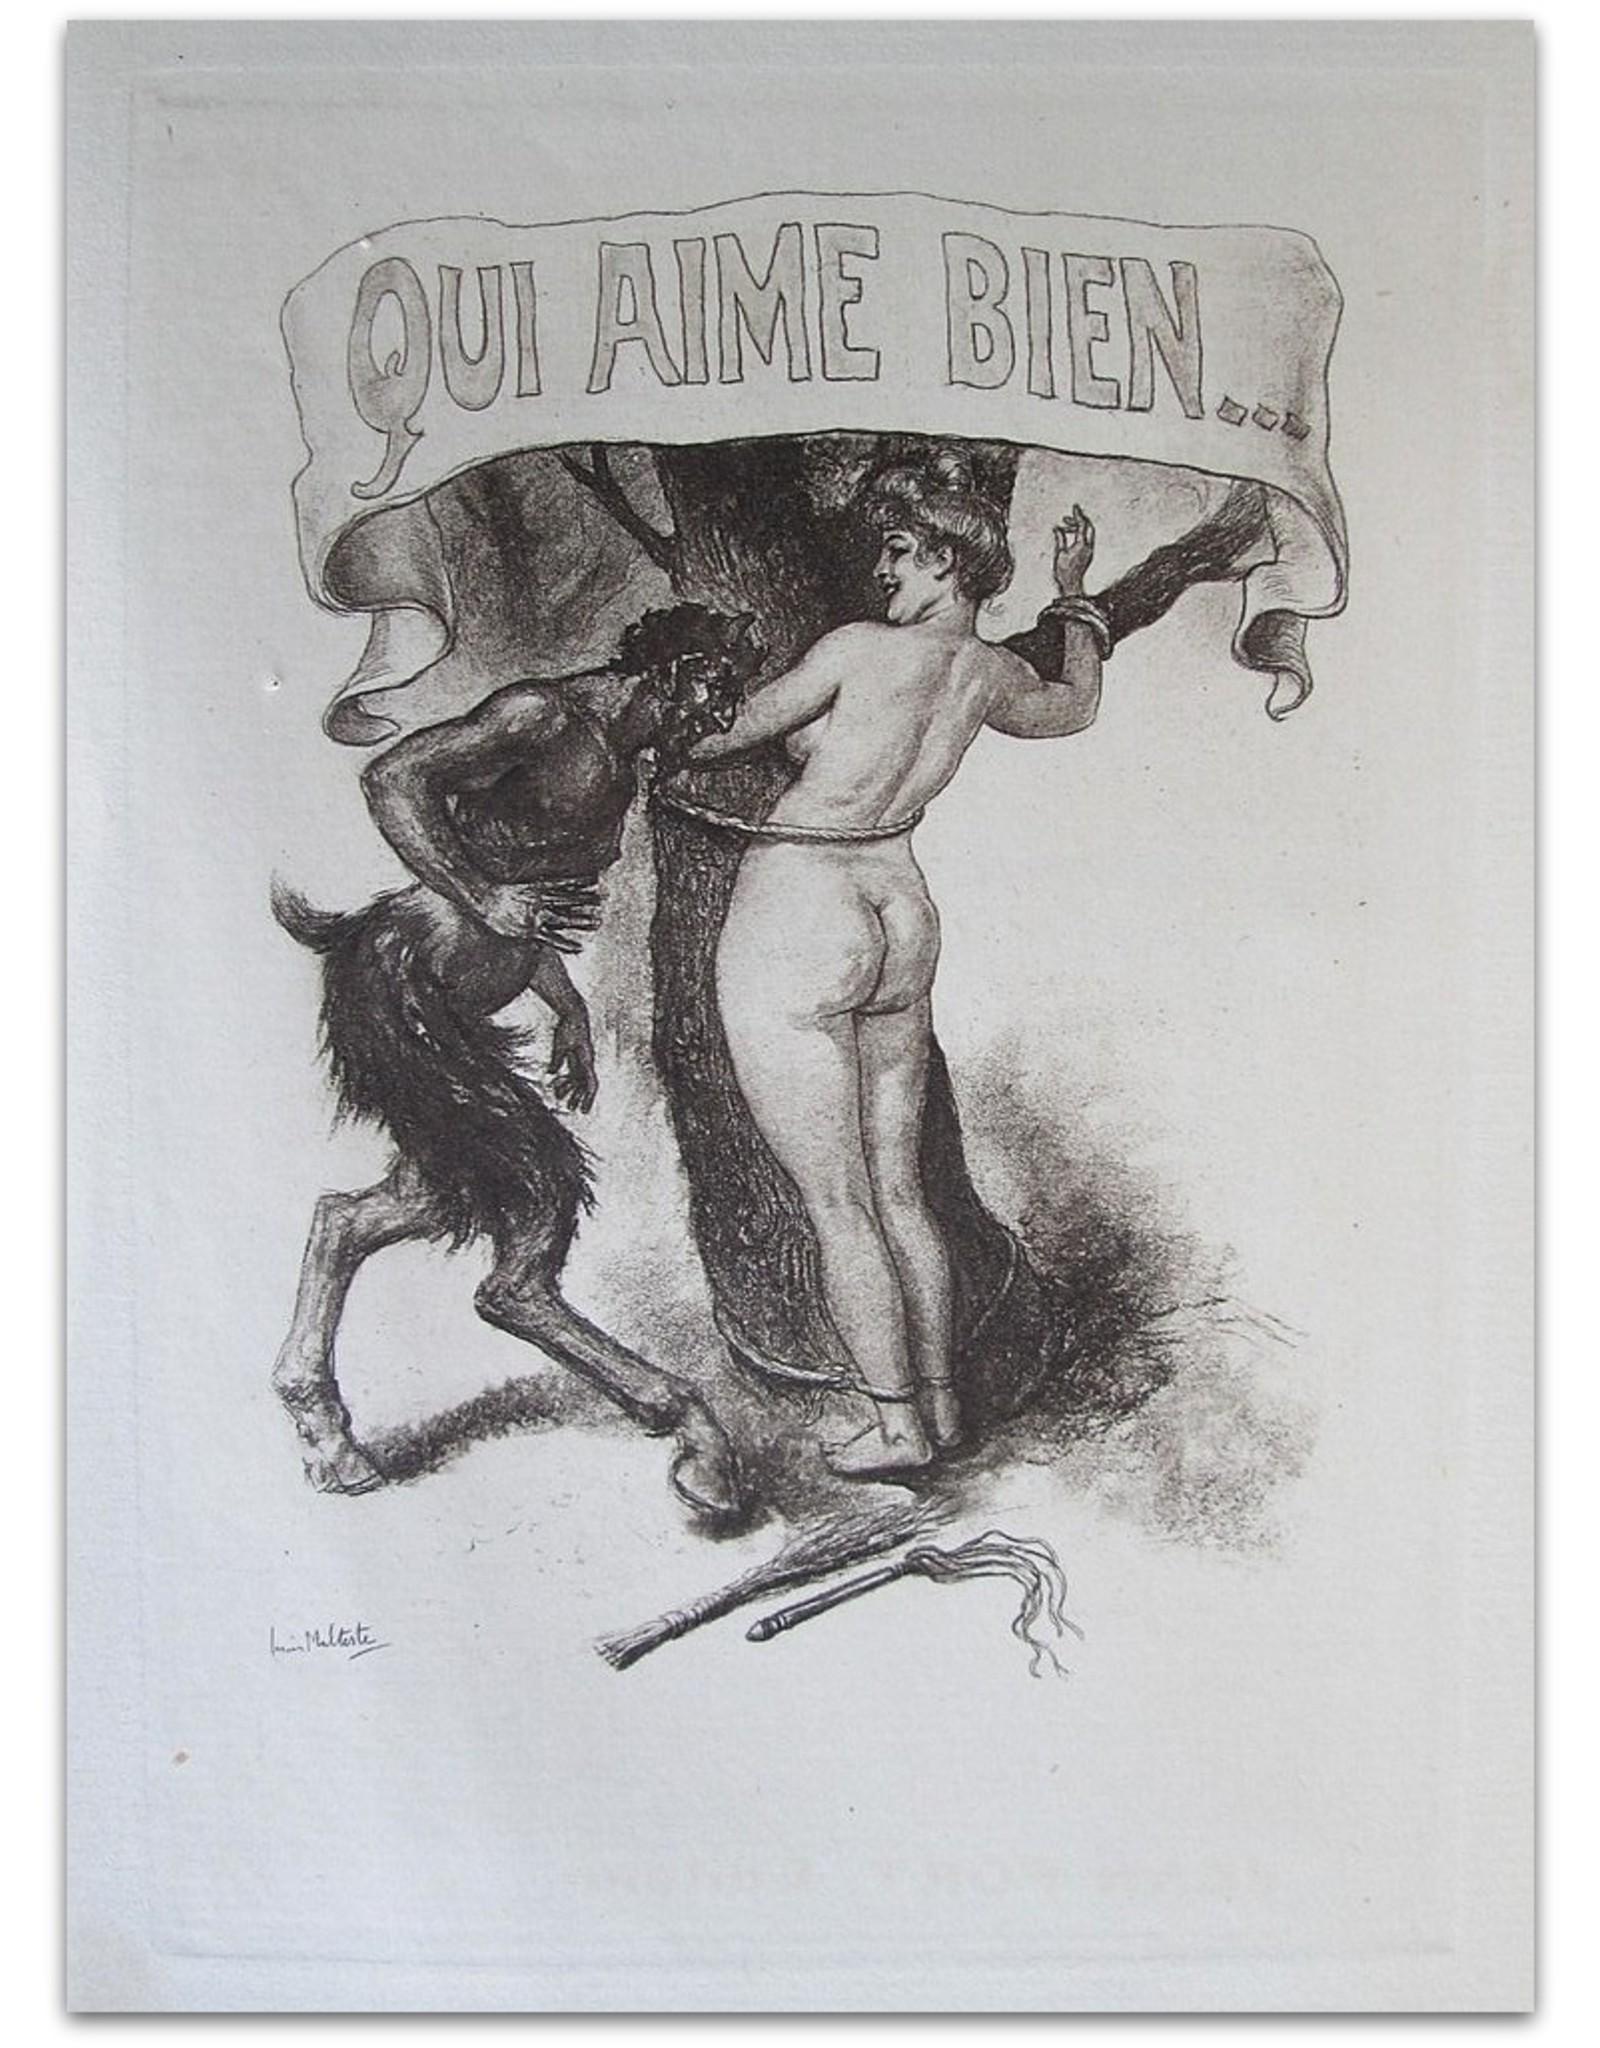 Jacques d'Icy - Qui aime bien ou la Flagellation dans la Vie moderne et ce qu'en pense la Jeune Fille d'aujourd'hui - Receuil de Faits authentiques